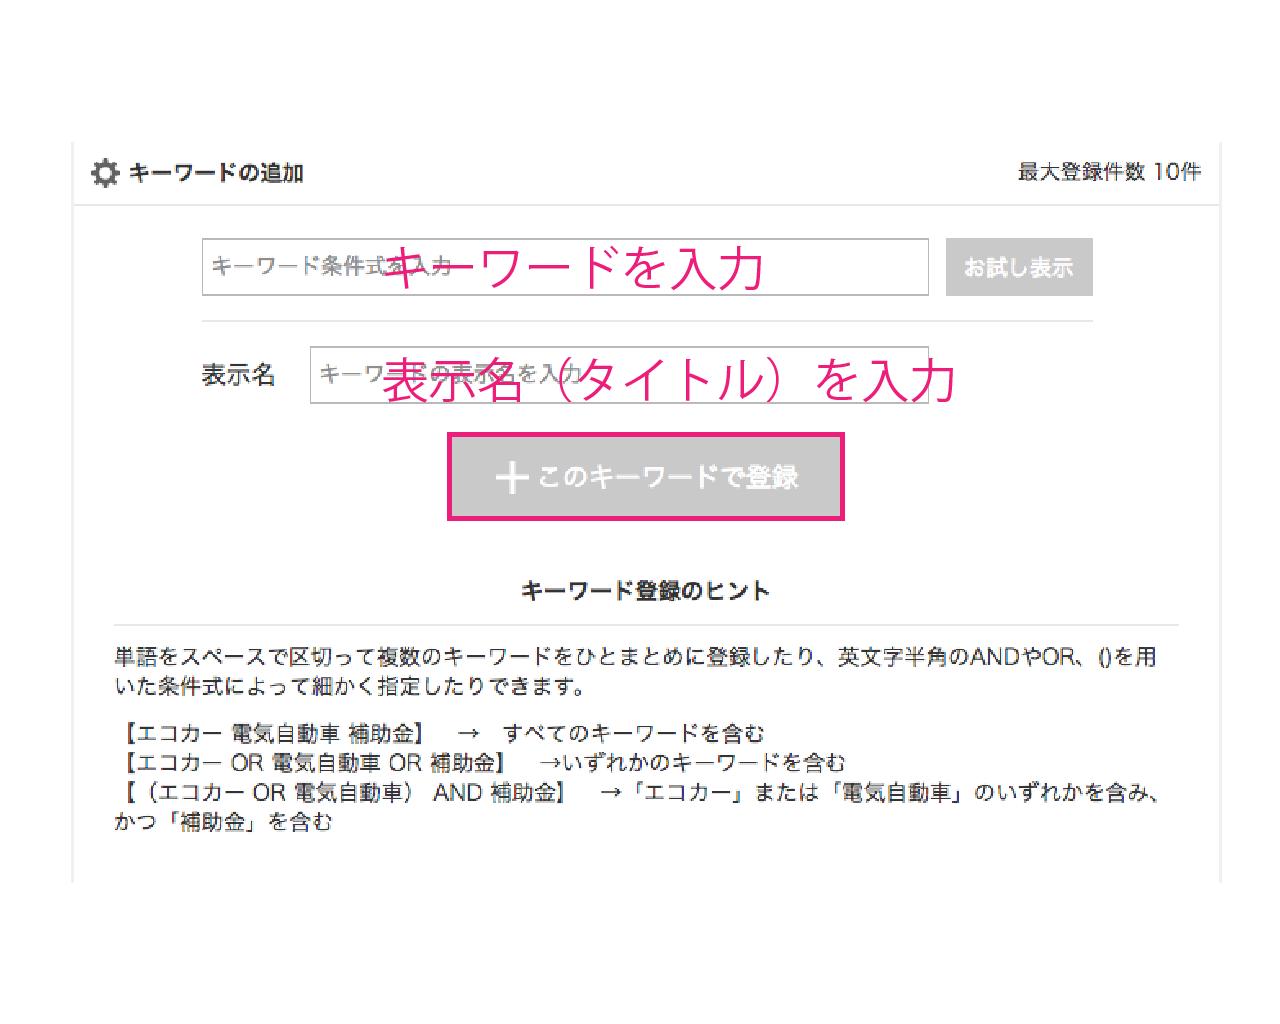 nikkei-news-digital-app-keyword-setting-iphone-ipad-4